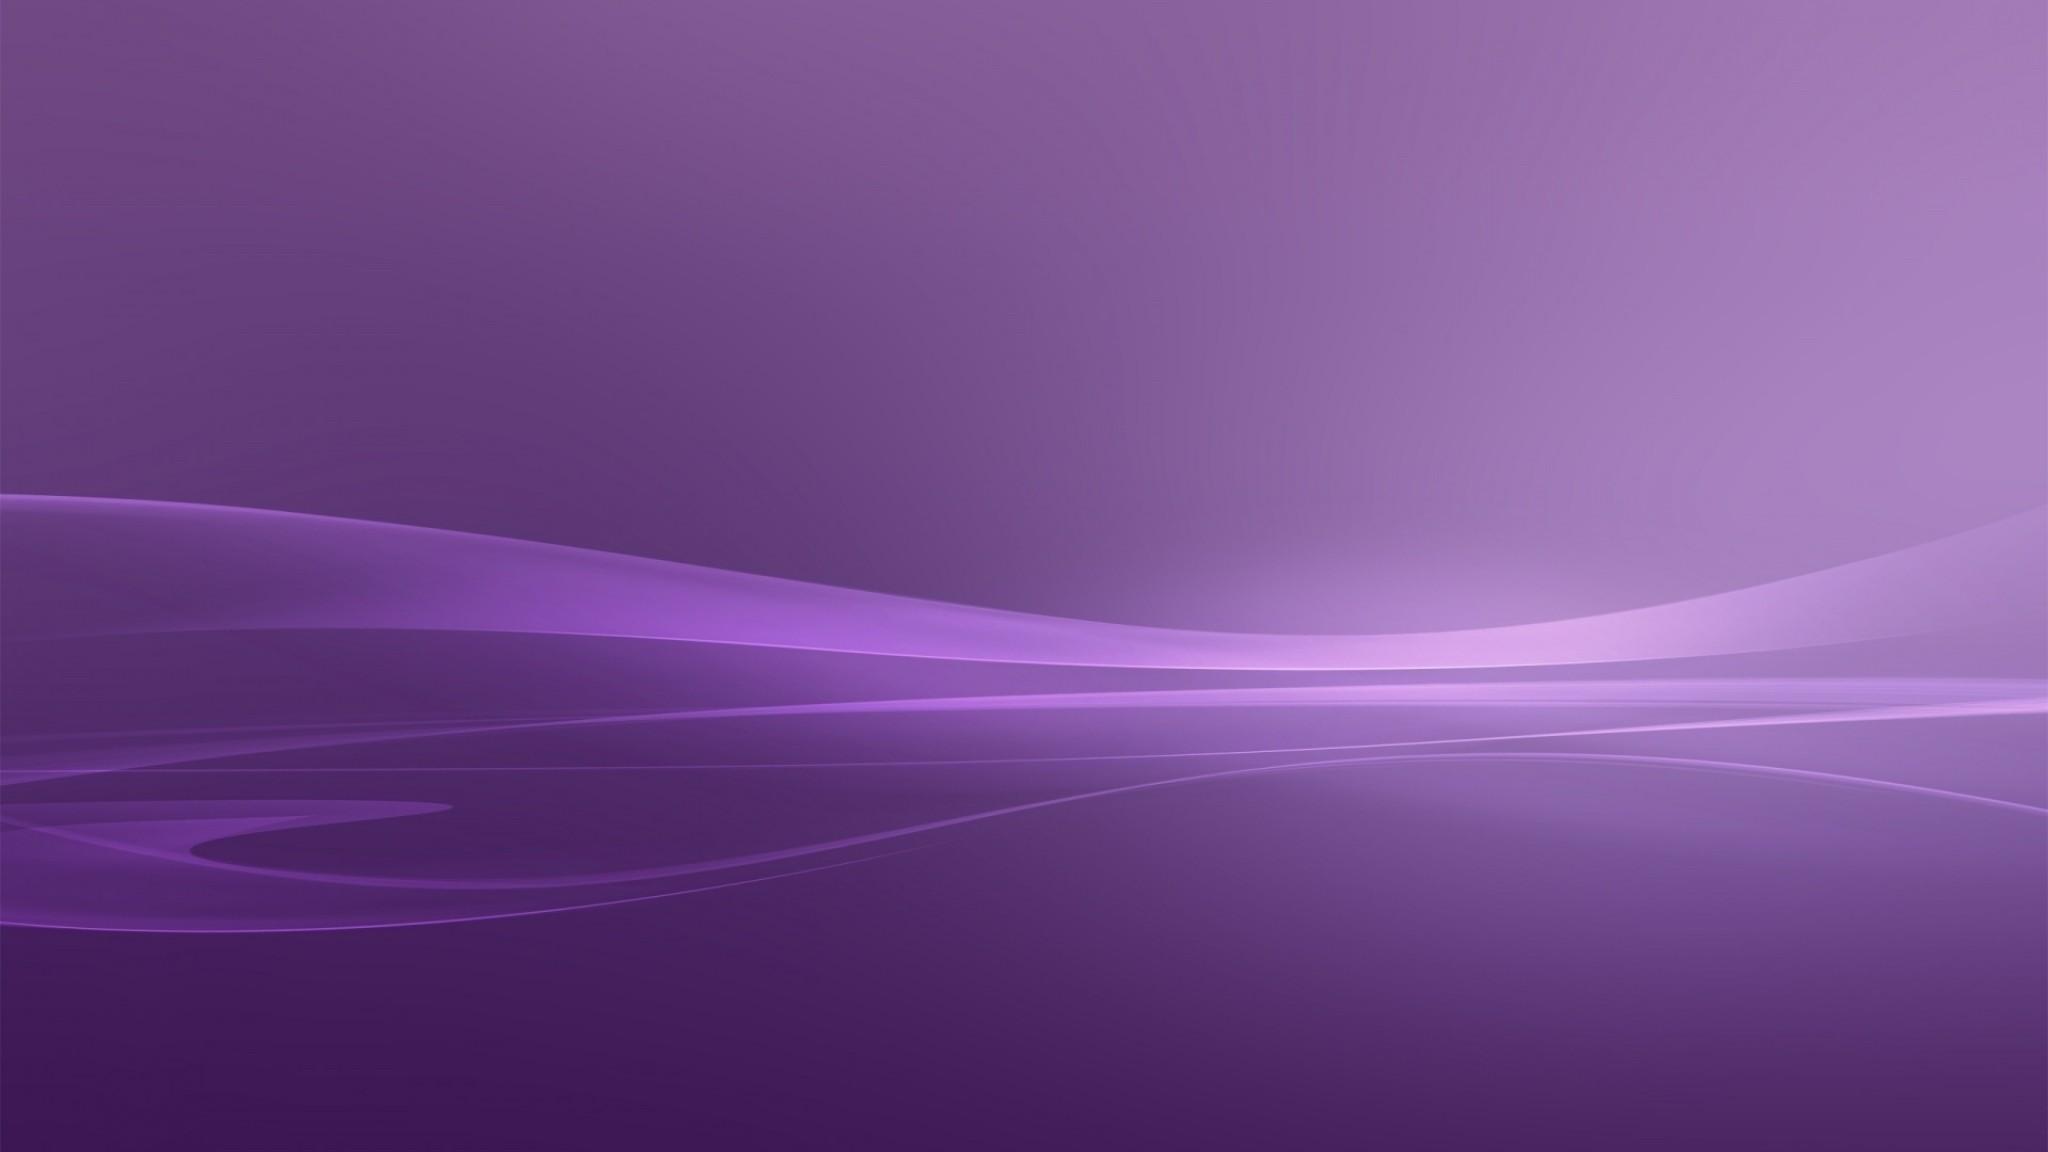 Purple Wallpapers 12 Best Wallpapers Collection Desktop: Purple Computer Wallpaper (56+ Images